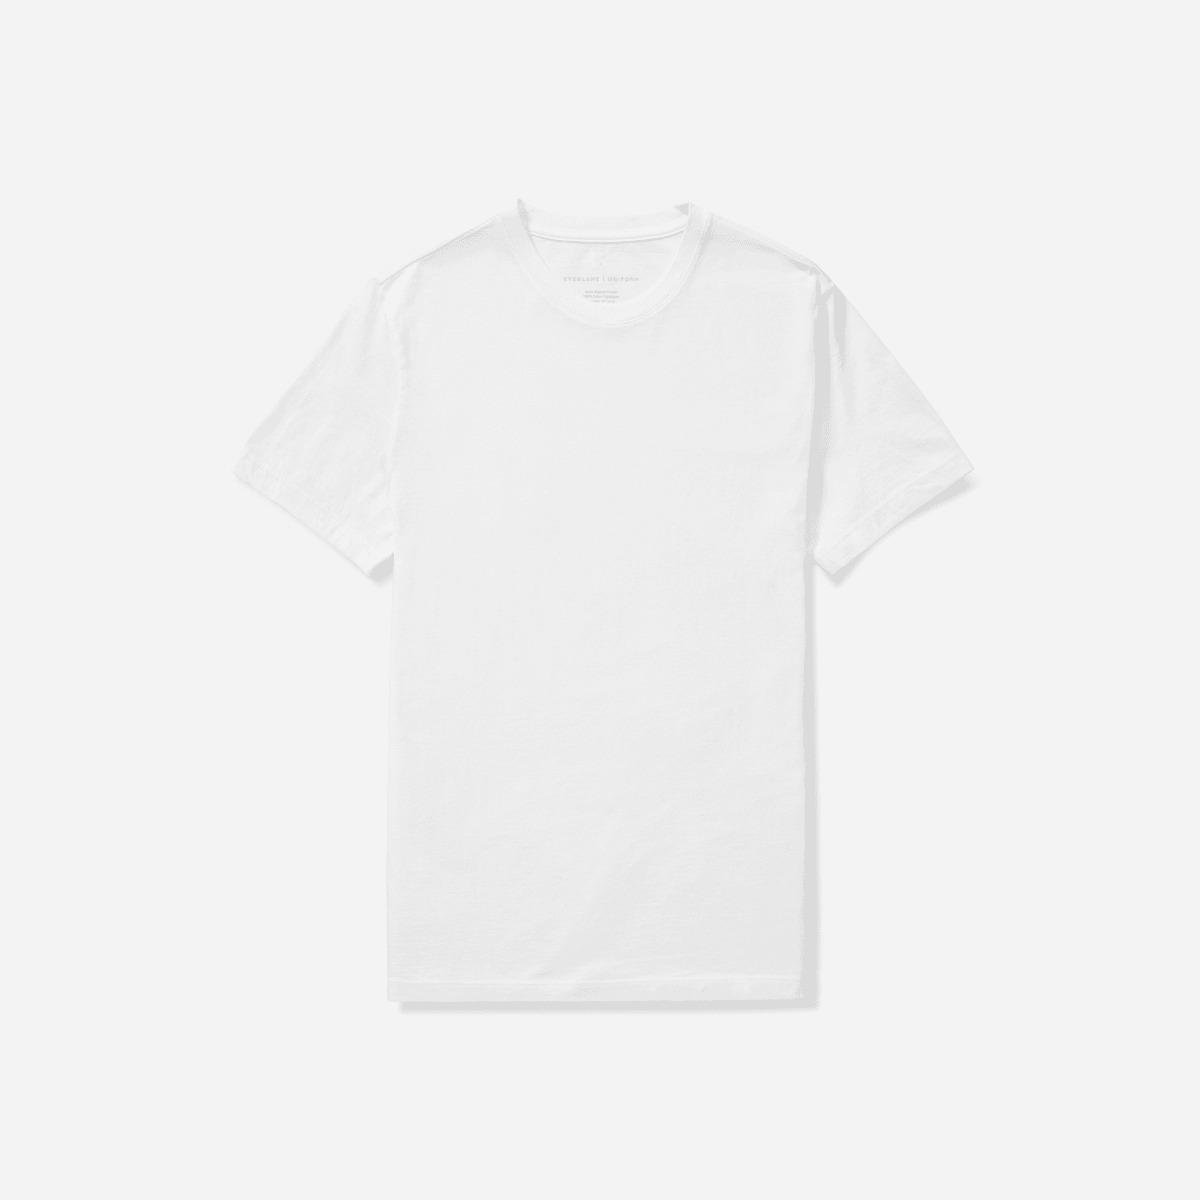 Everlane Organic Cotton Crew T-Shirt in white